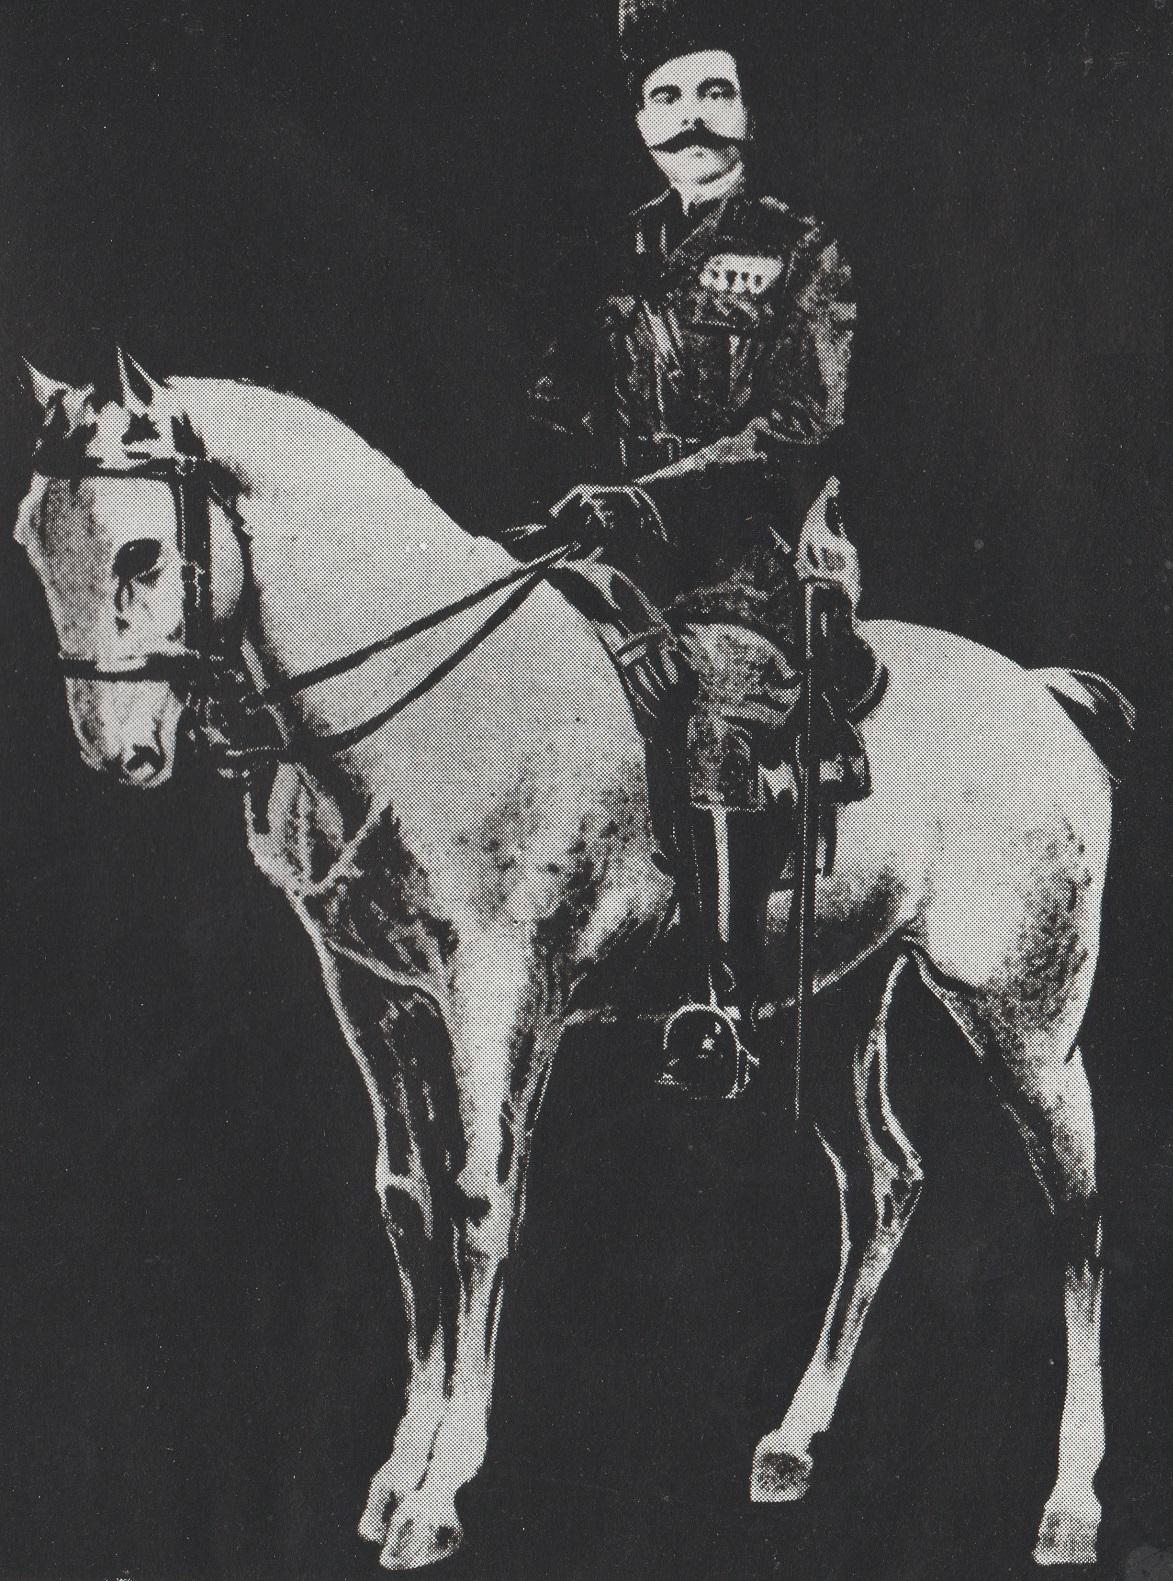 Aga Khan III on horse, Barakah and Simerg